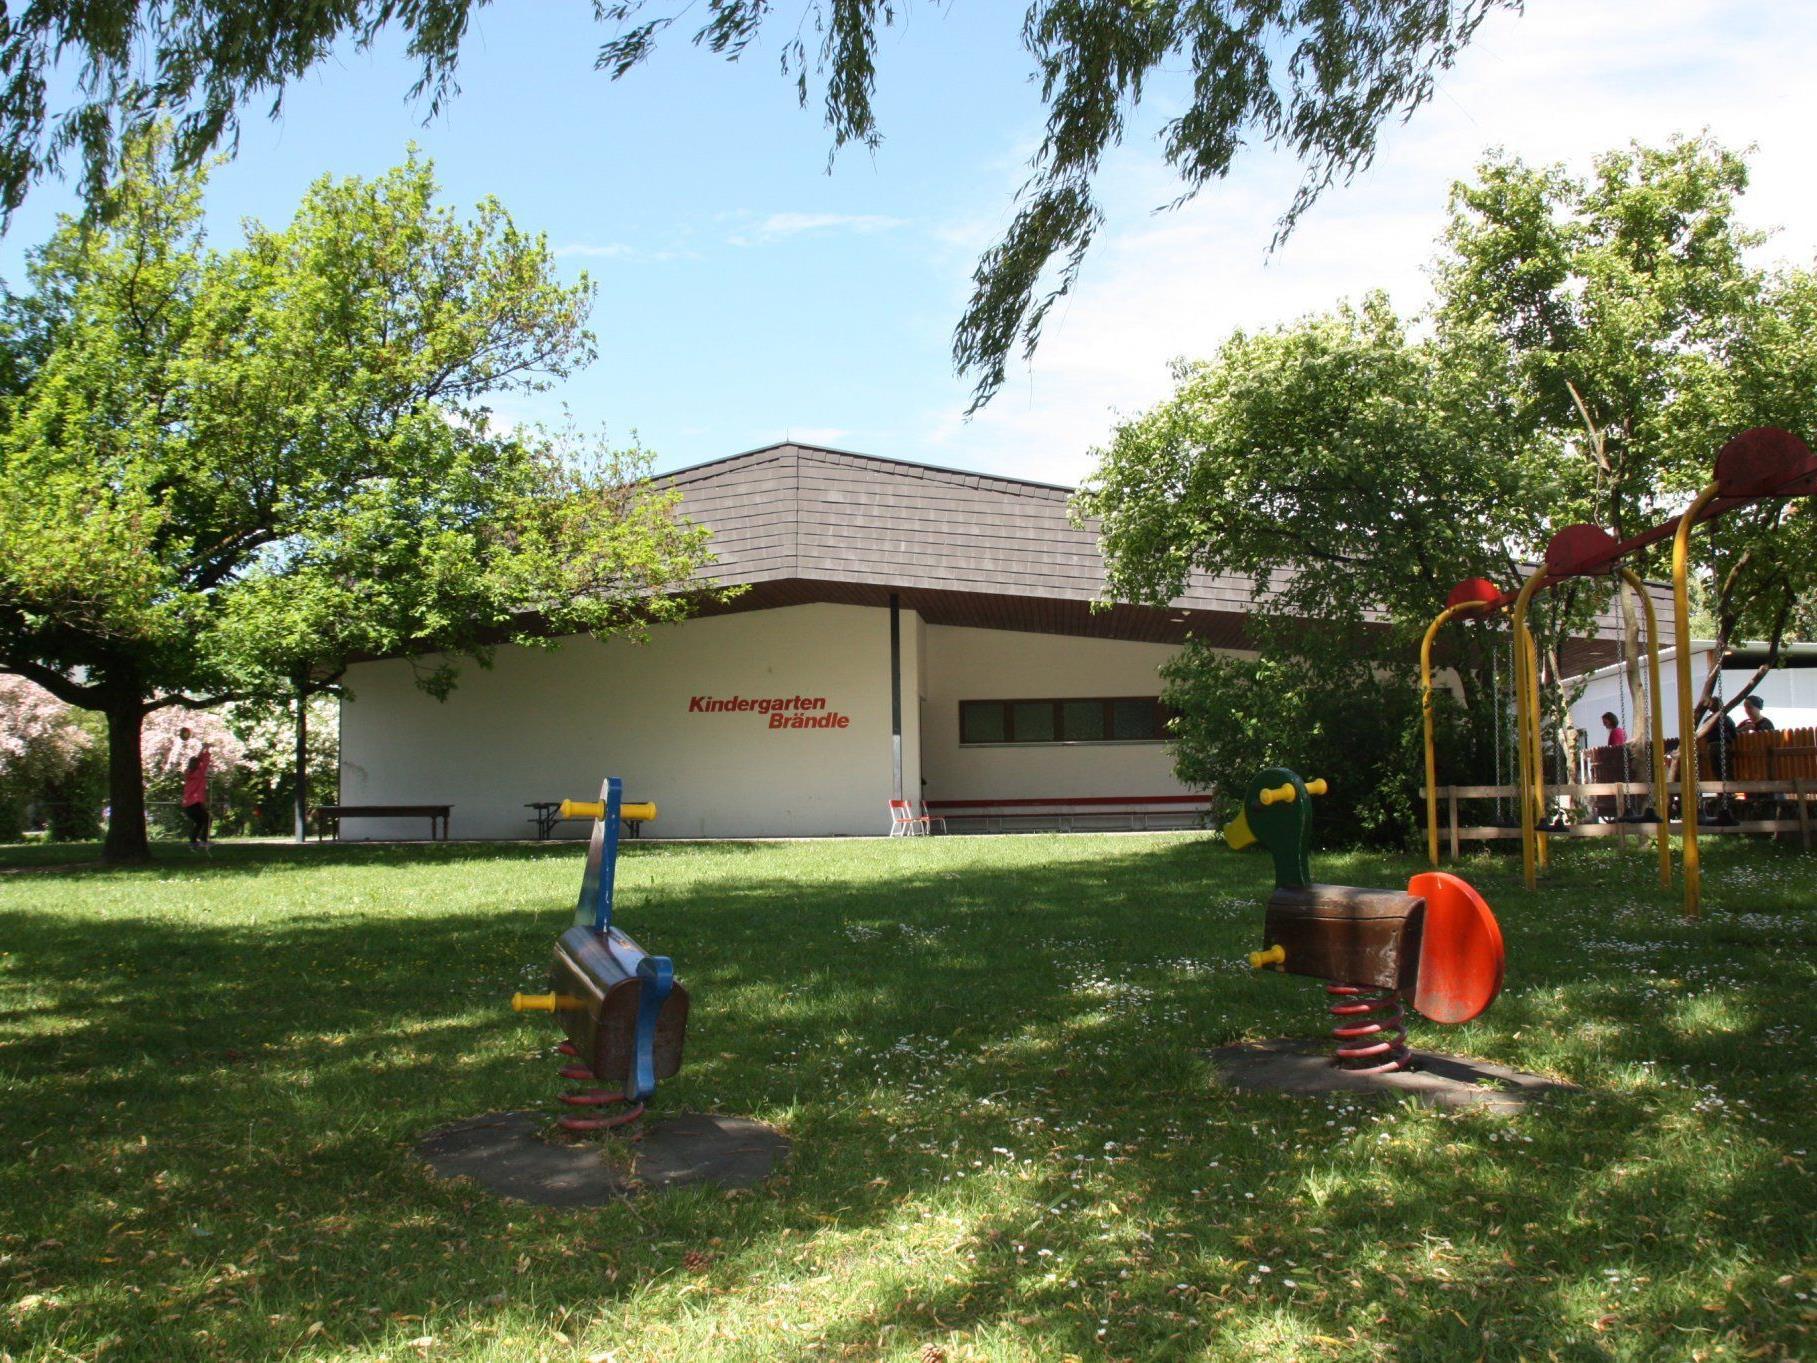 Der Kindergarten Brändle wird um einen Gruppenraum erweitert, derzeit läuft das Ideenfindungsverfahren.